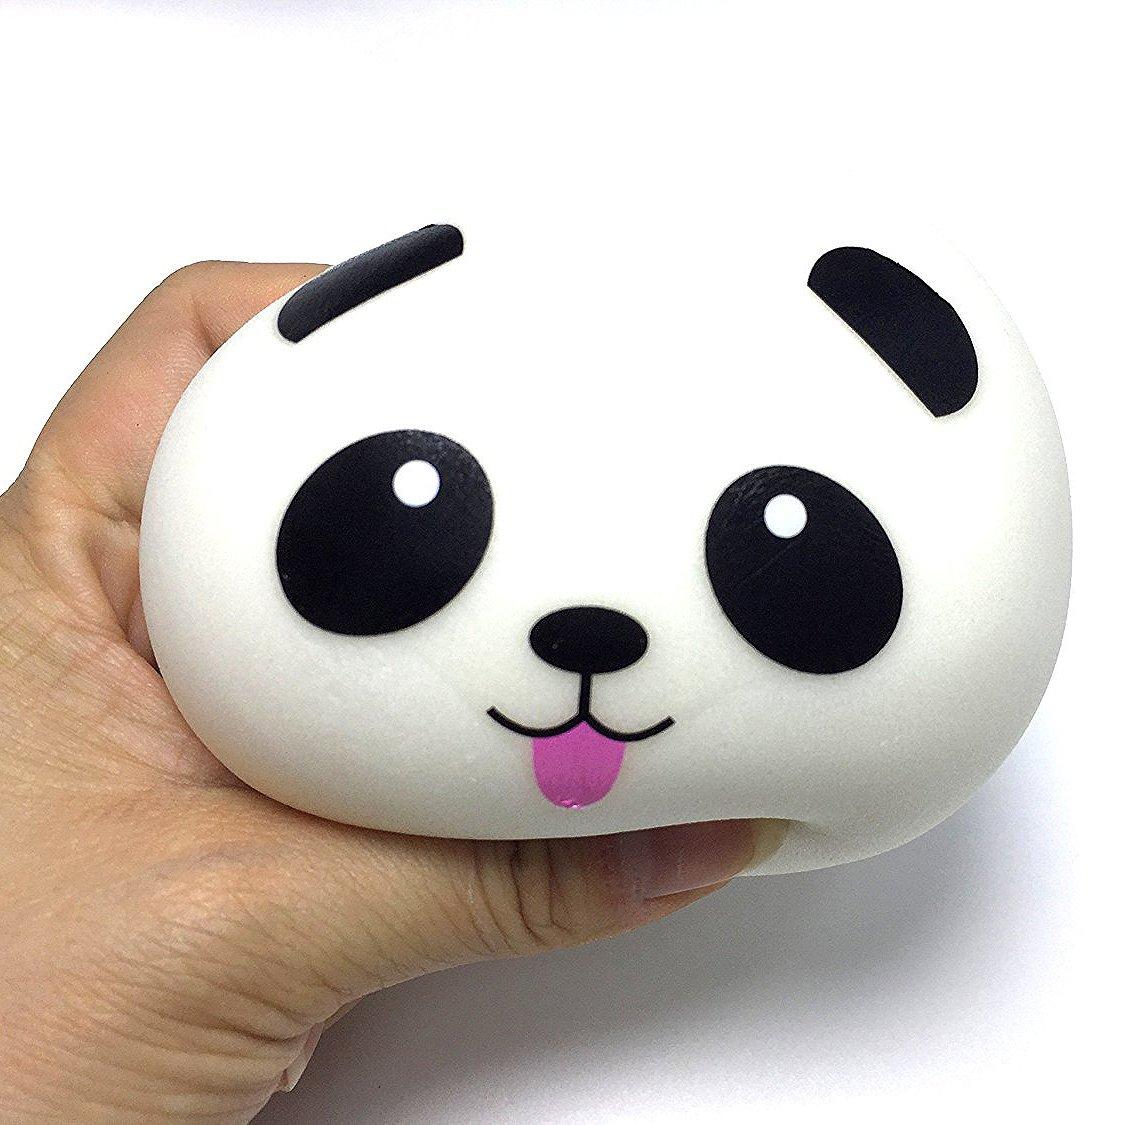 Kawaii de Comida Gigante Bollo Pan Donuts Panda Suaves y Blandos Jumbo Medio y Mini Juguetes Squishy Paquete Surtido de 20 Squishies Amuletos de M/óvil Llavero Correa